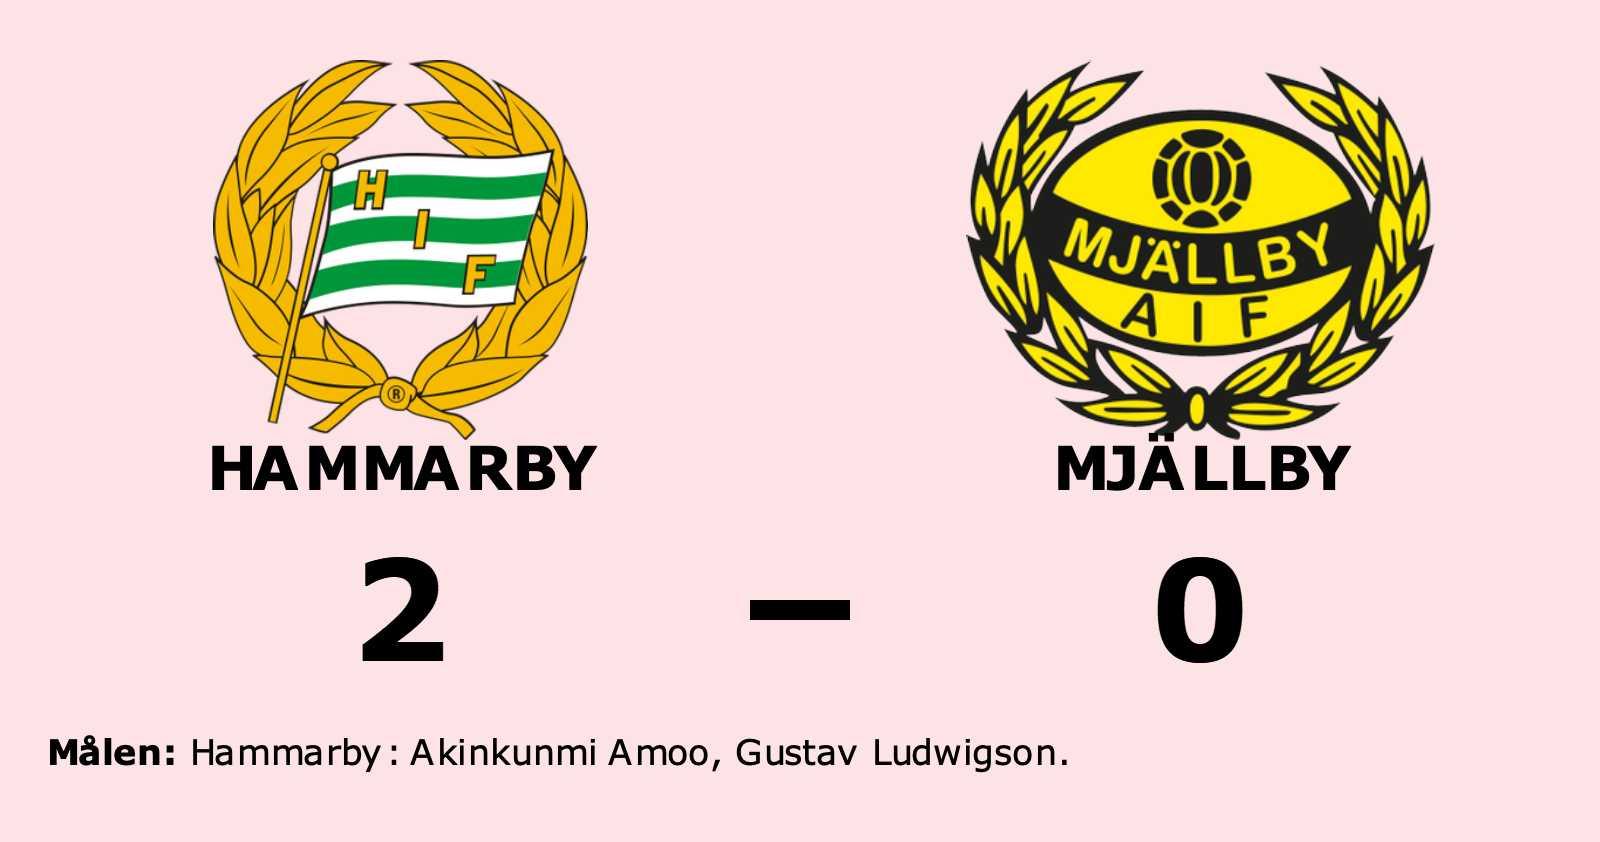 Amoo och Ludwigson målgörare i Hammarbys seger